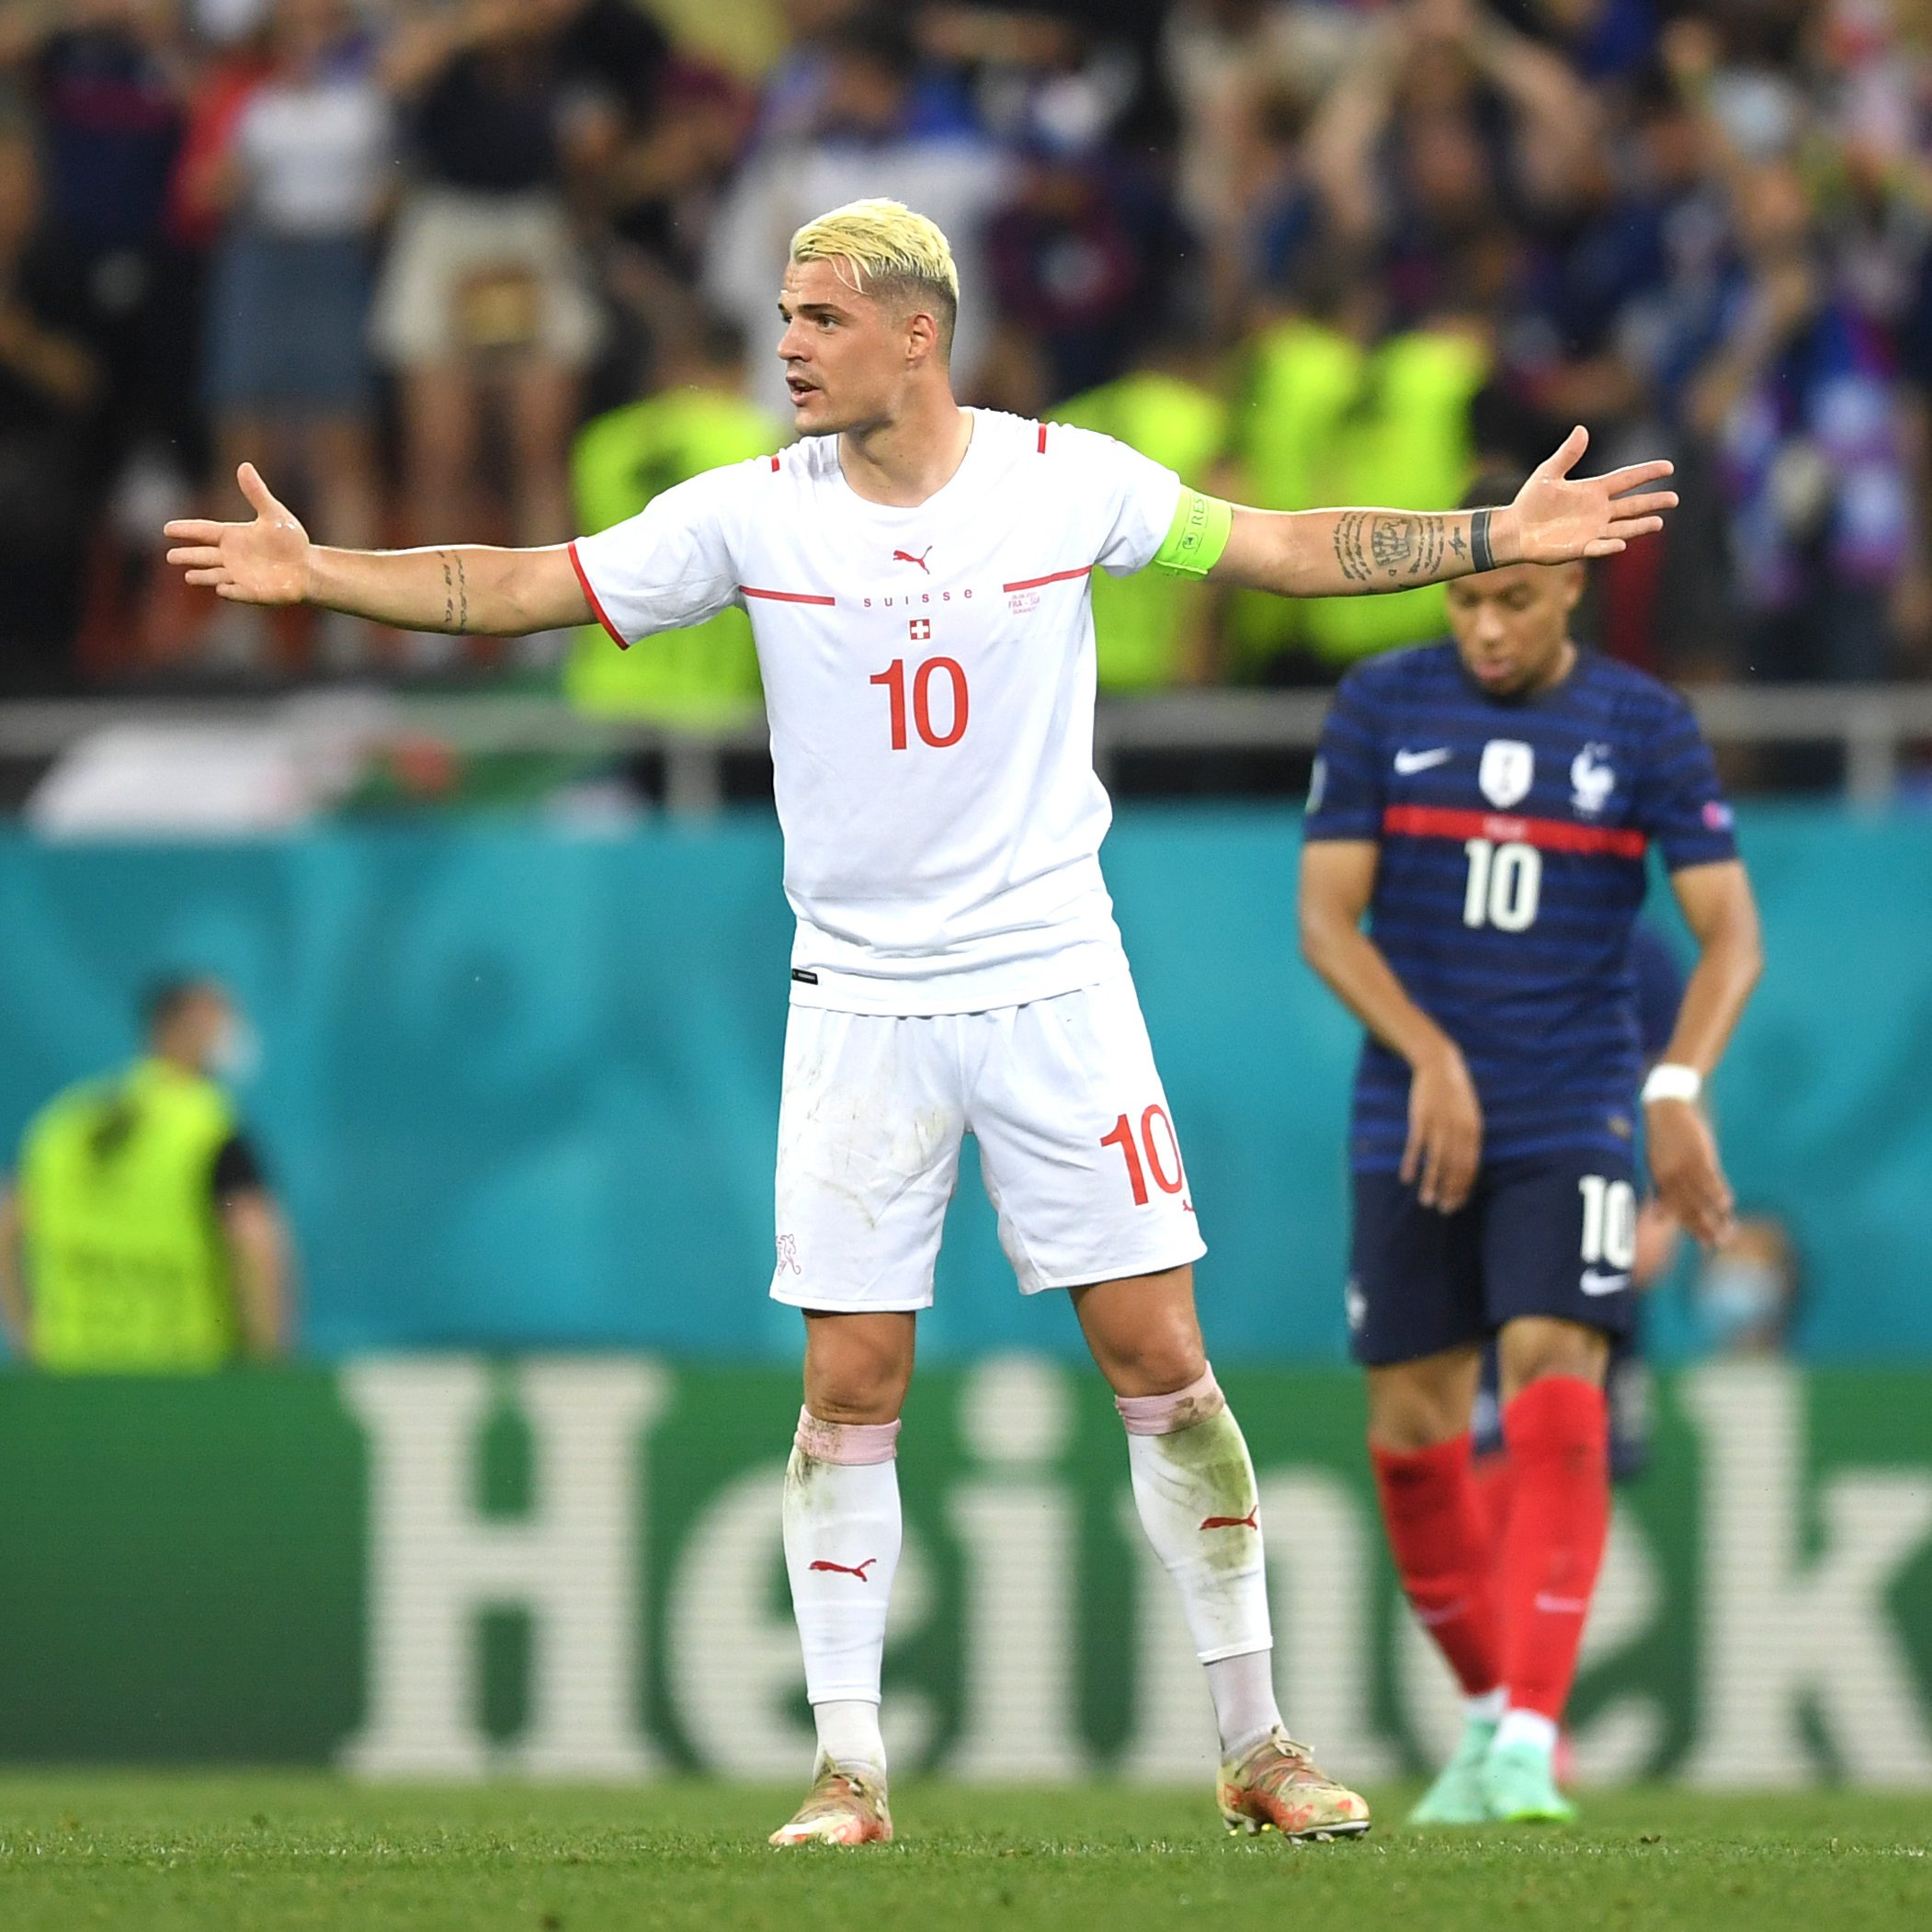 Xhaka phấn khích sau khi Thuỵ Sĩ thắng Pháp ở loạt luân lưu. Ảnh: UEFA